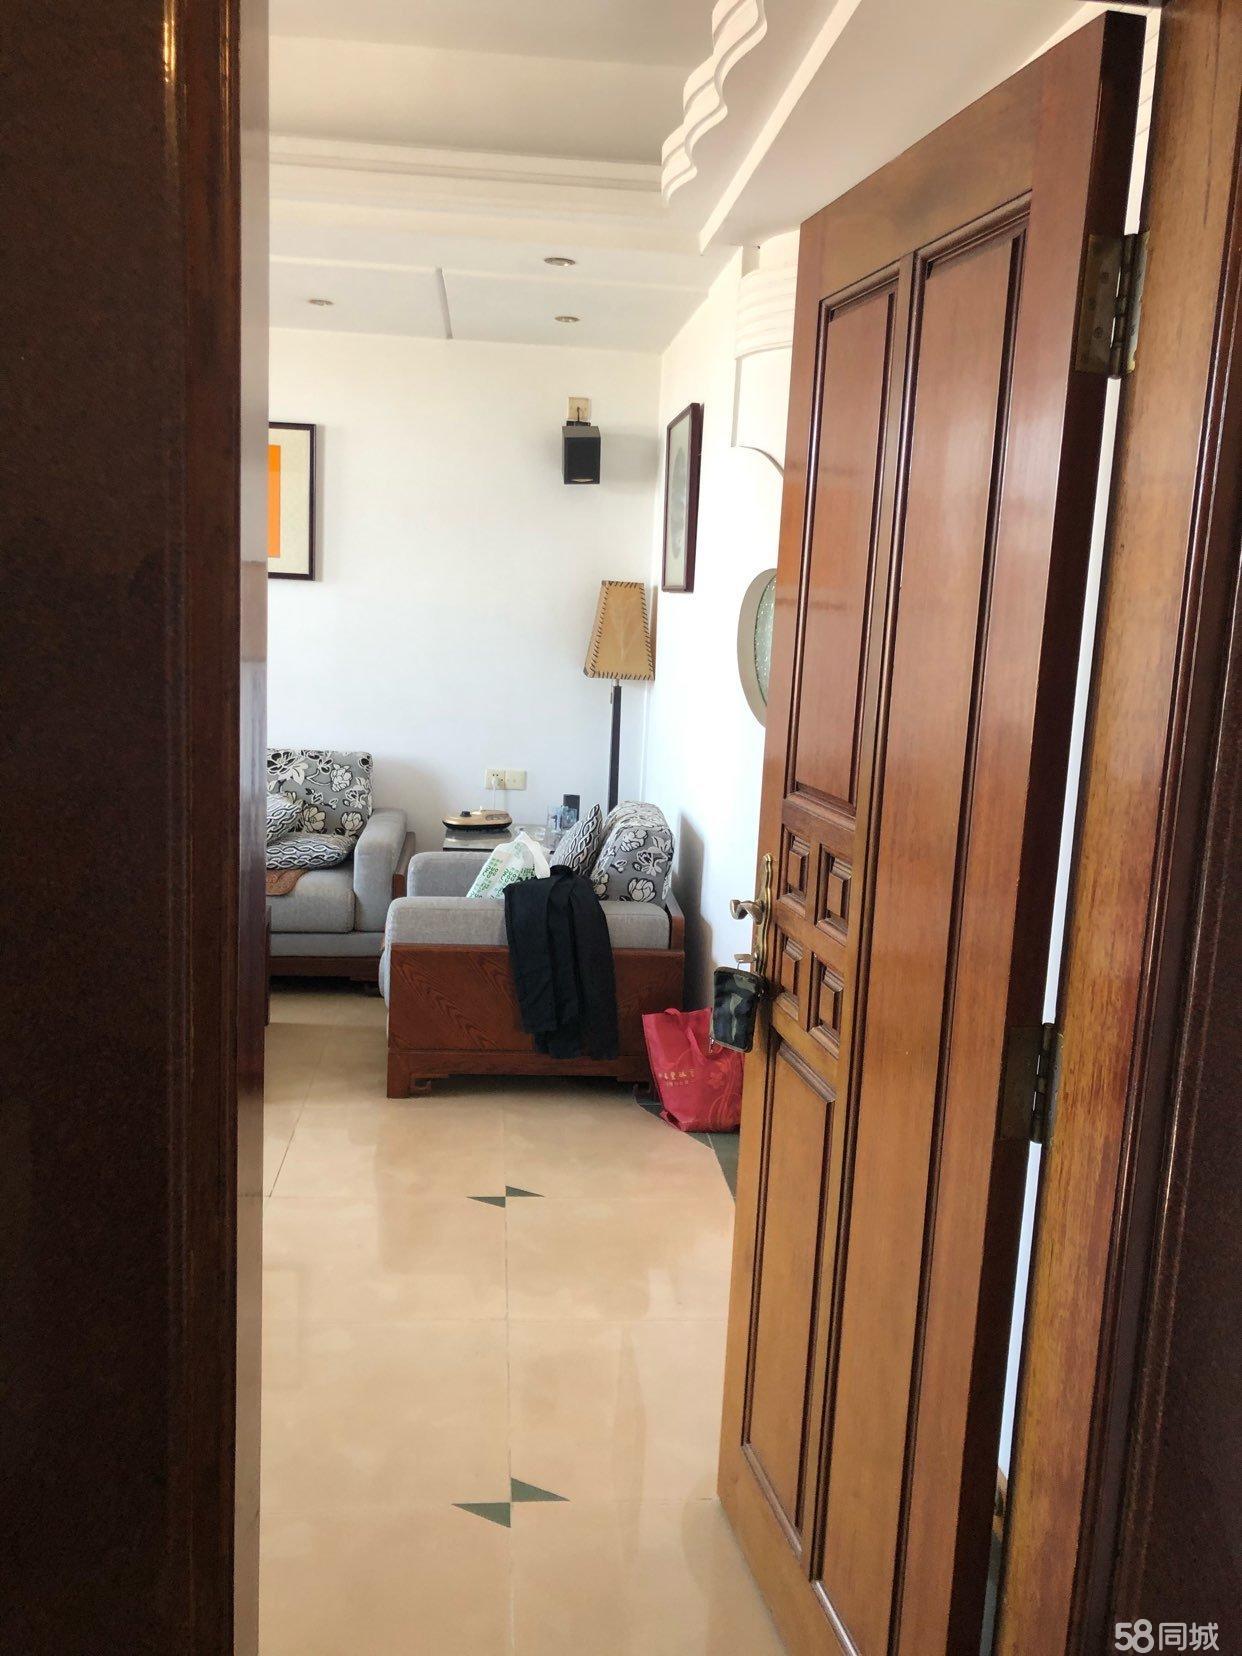 杏花街安全文明小区3室2厅2卫